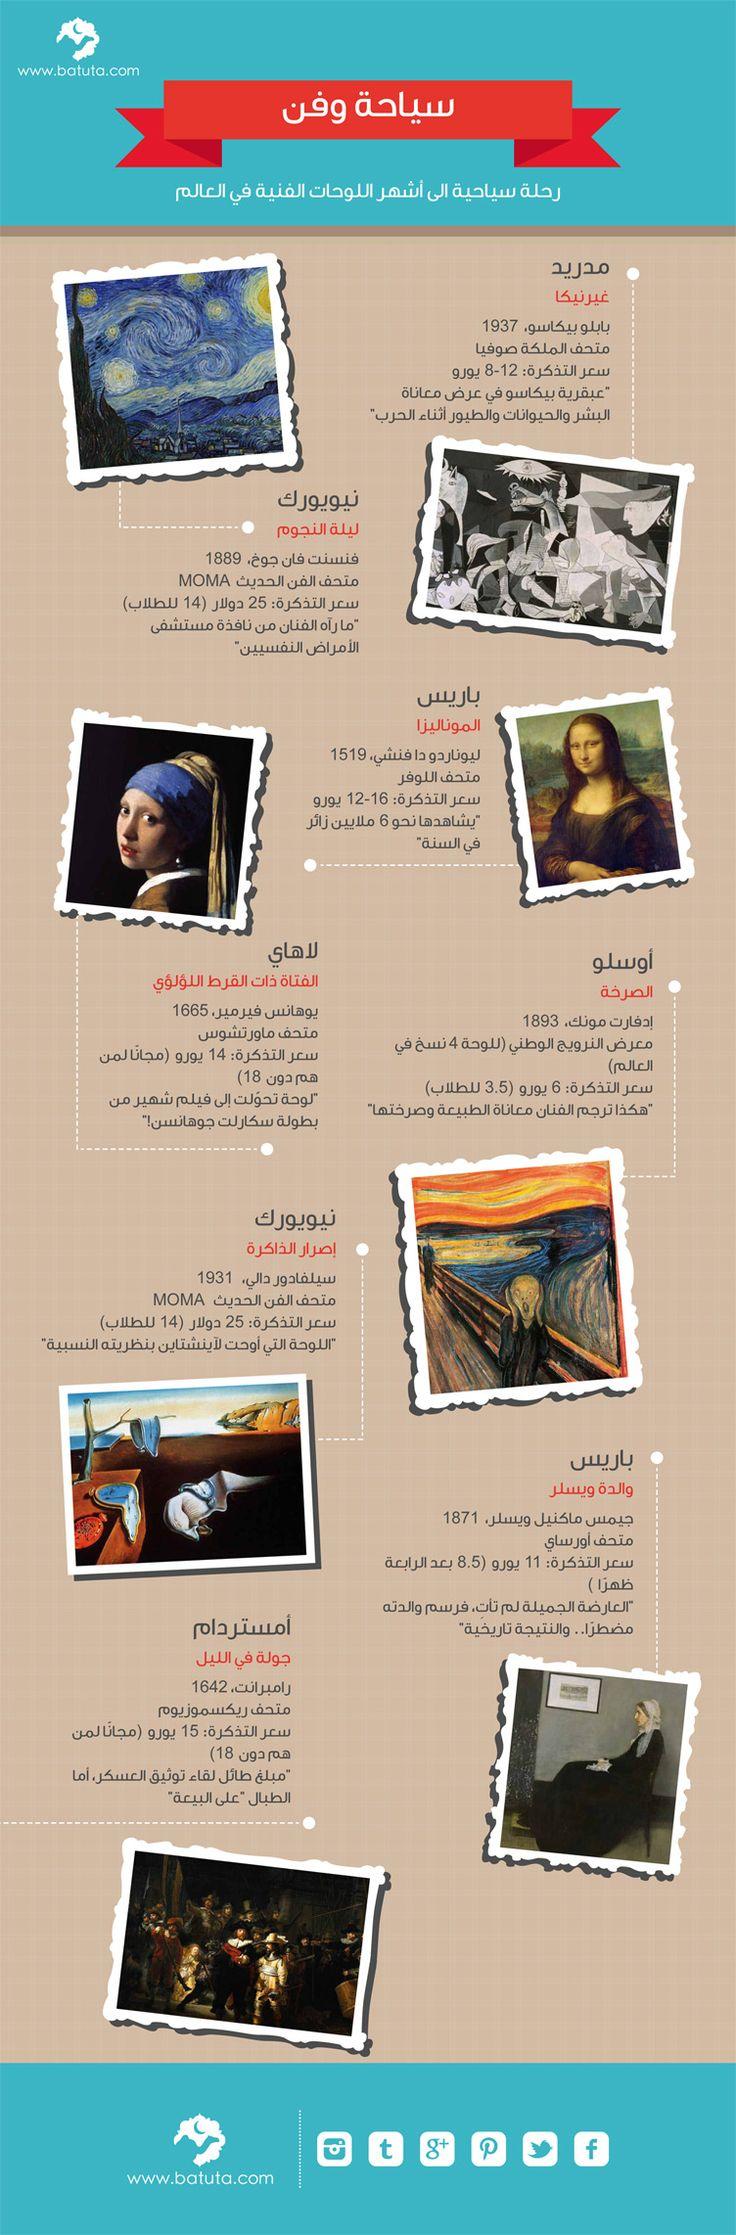 أشهر اللوحات الفنية في أشهر المتاحف Travel And Tourism Learning English Is Fun Tour Around The World